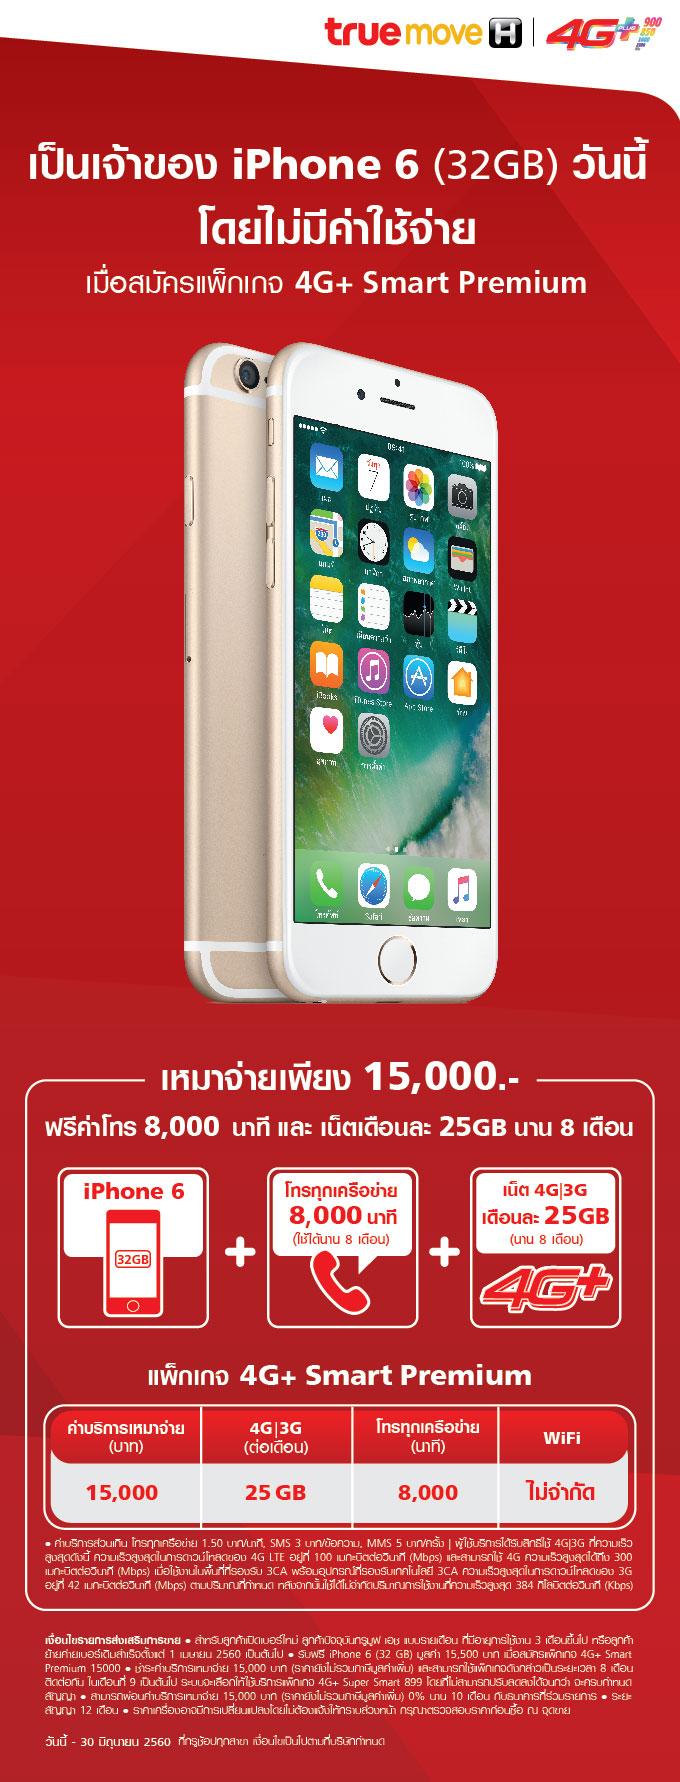 iPhone 6 32GB แจกฟรี!